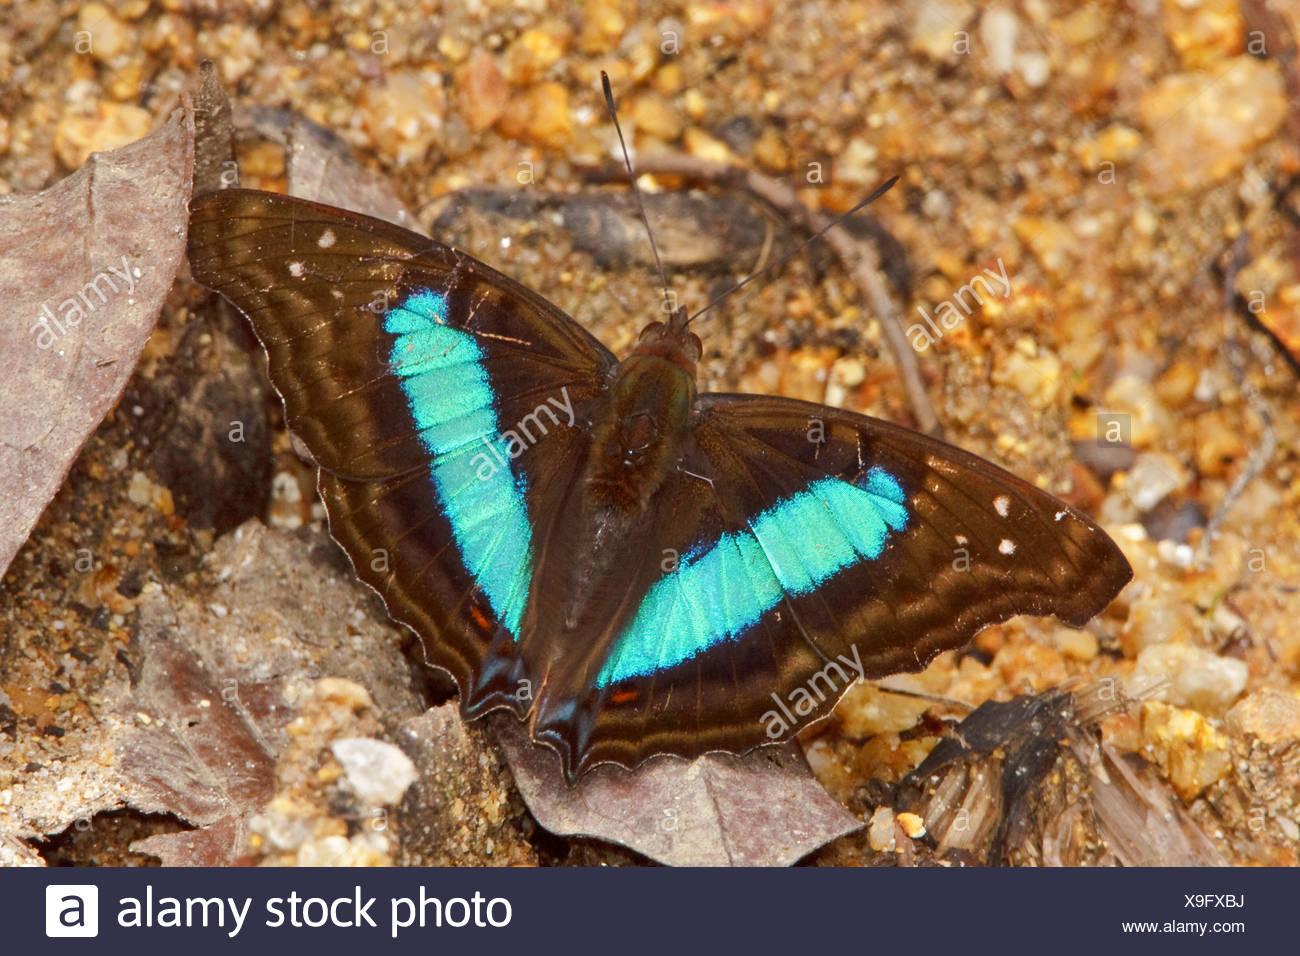 Una mariposa en el Parque Nacional Podocarpus en el sudeste de Ecuador. Foto de stock